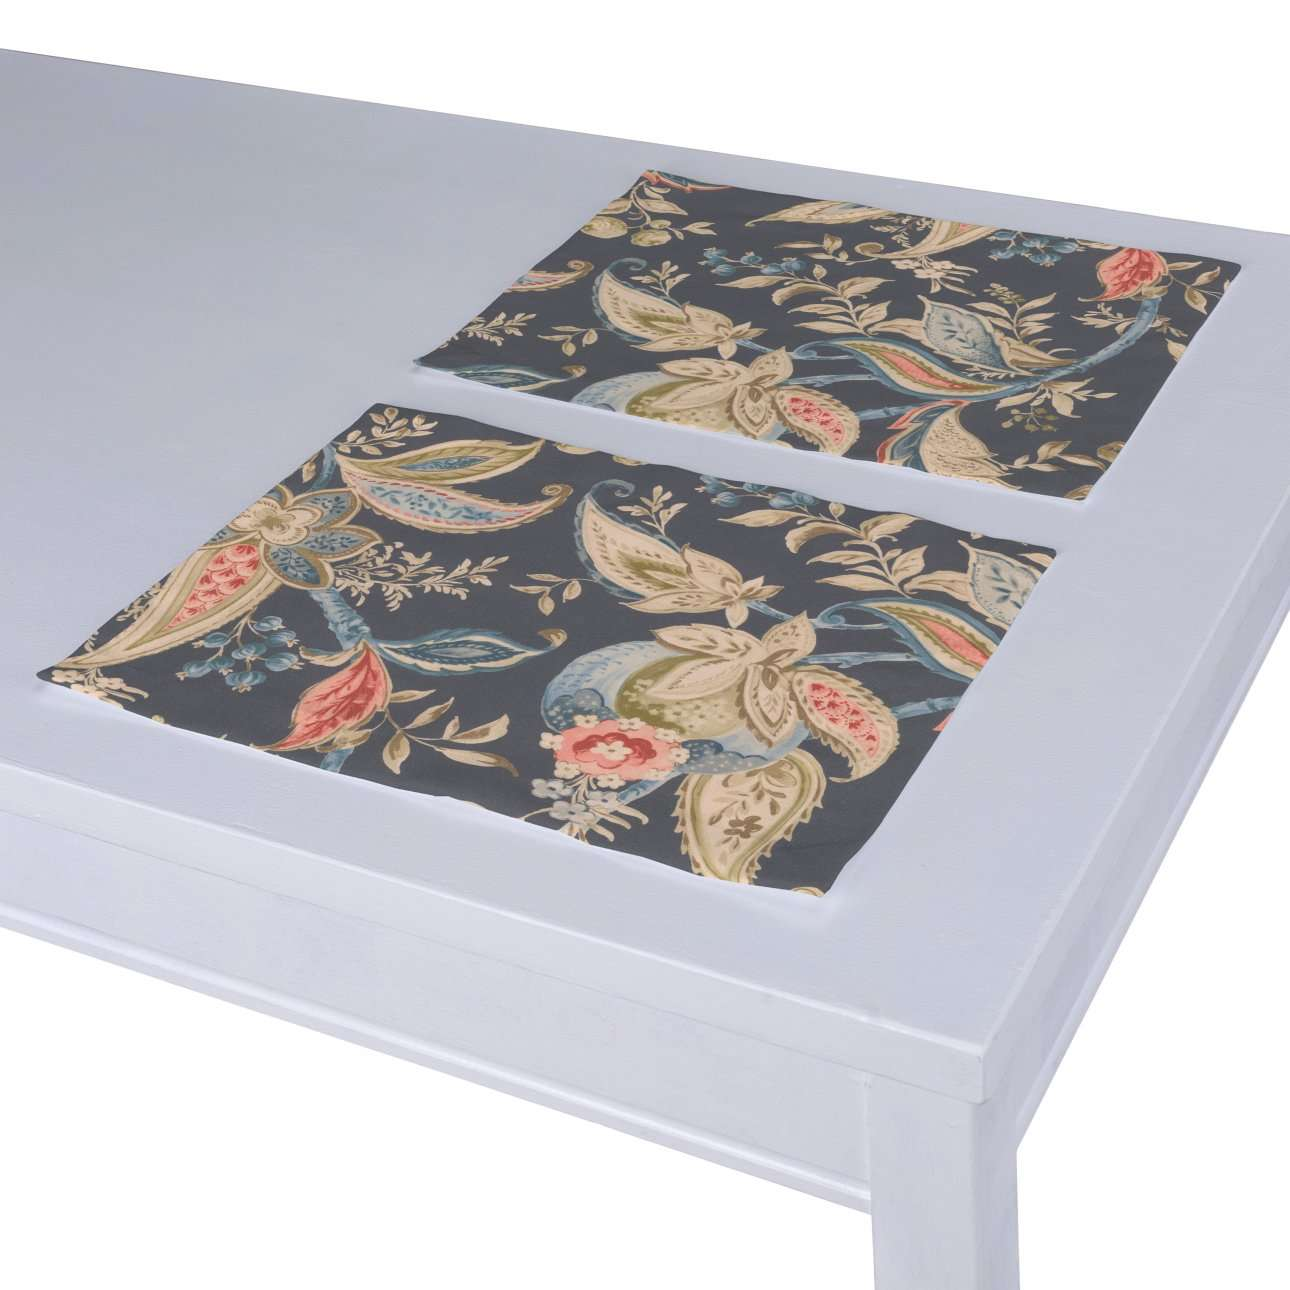 Podkładka 2 sztuki w kolekcji Gardenia, tkanina: 142-19